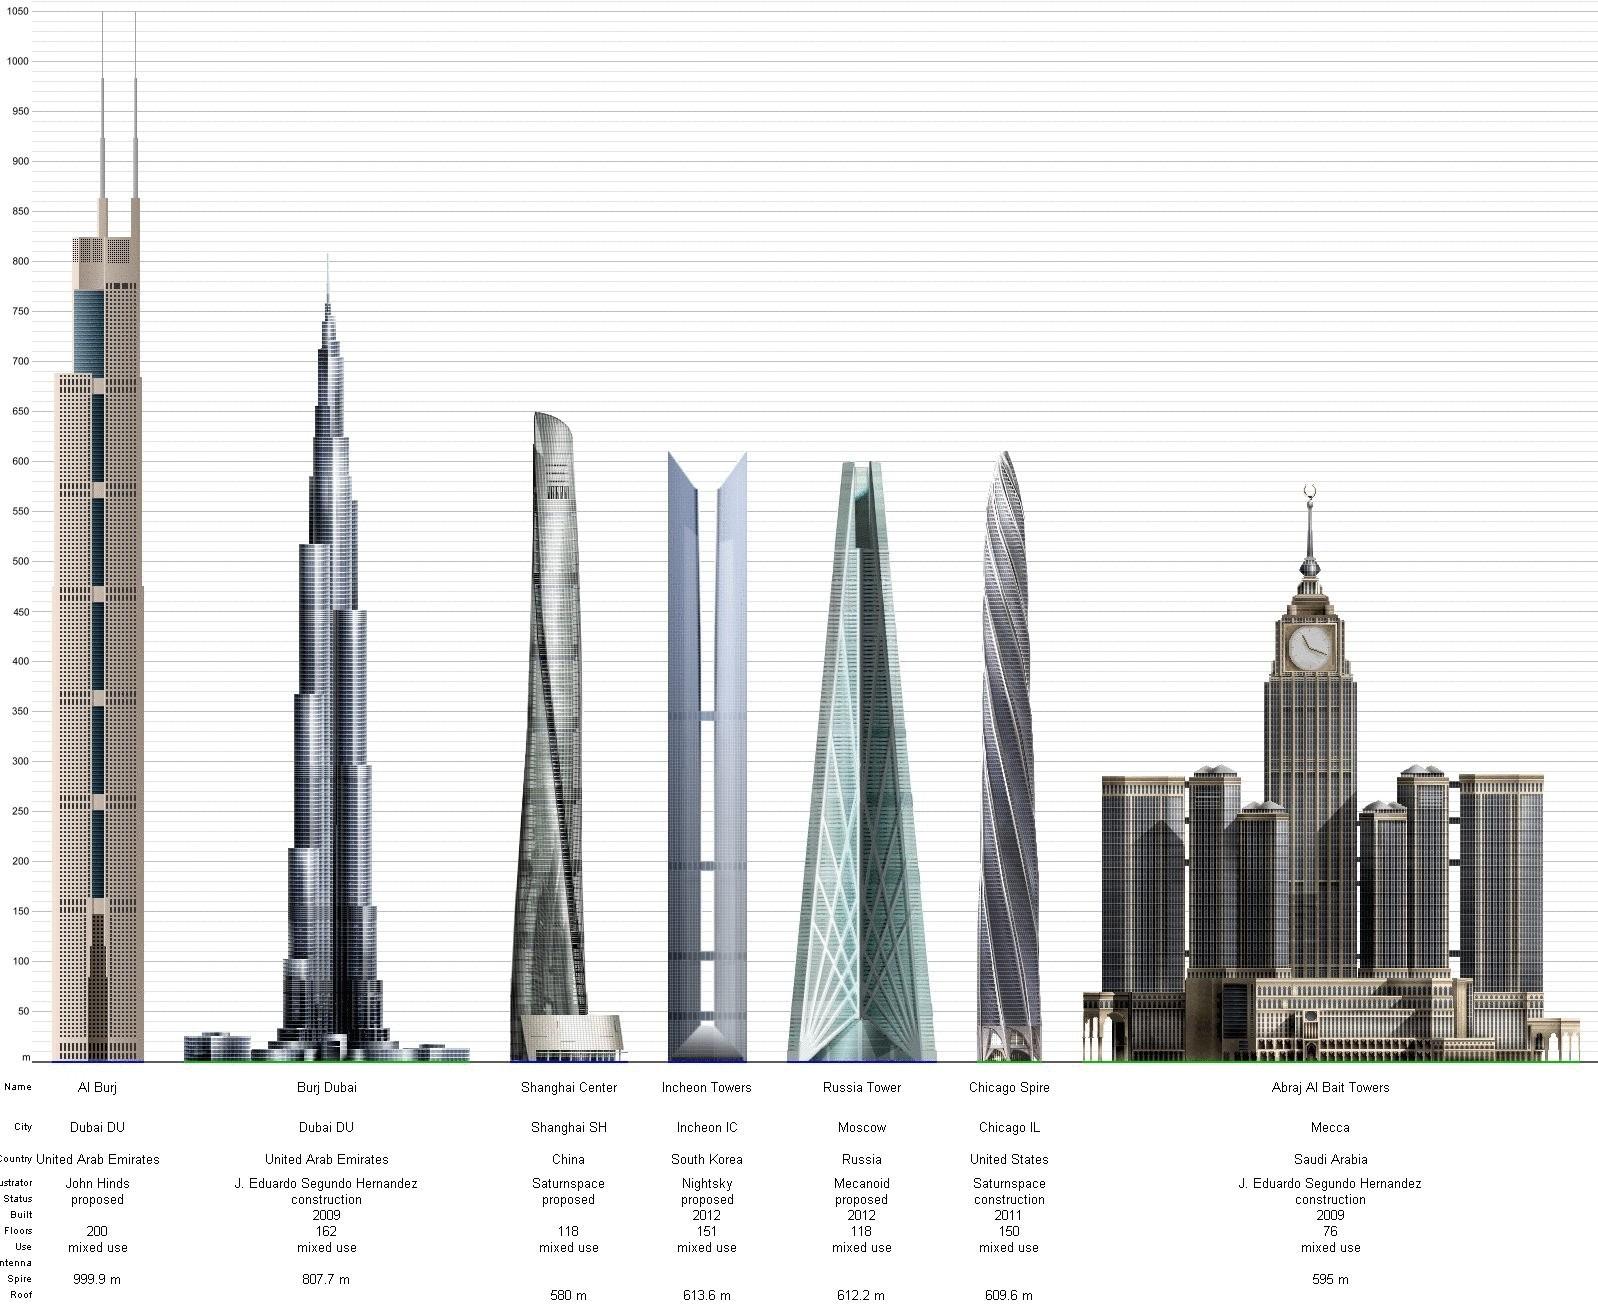 В 15 самых высоких зданий в мире в 2 14 году - YouTube